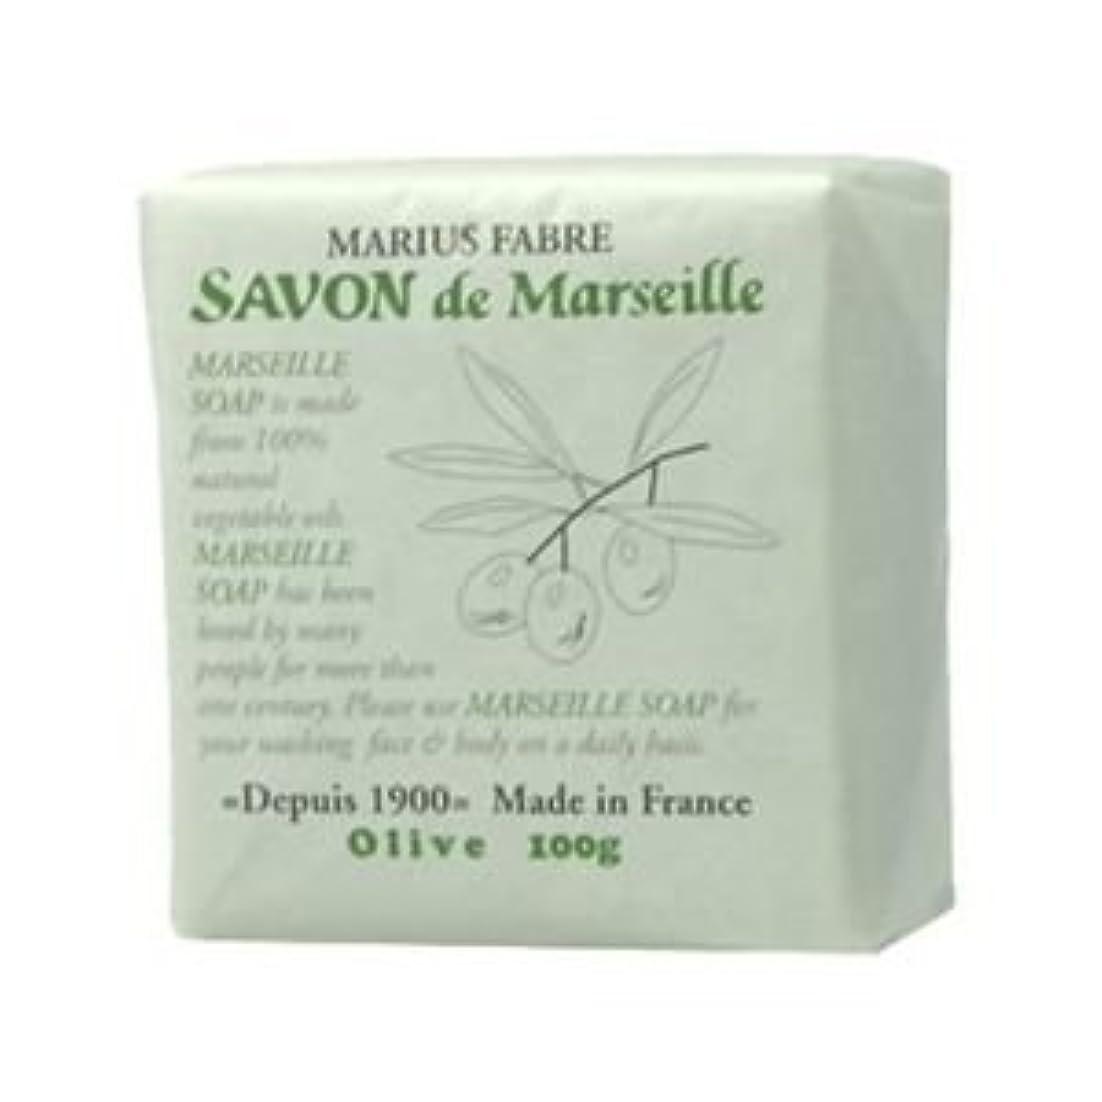 ガロン食事を調理する思い出すサボン ド マルセイユ オリーブ 100g 【4セット】